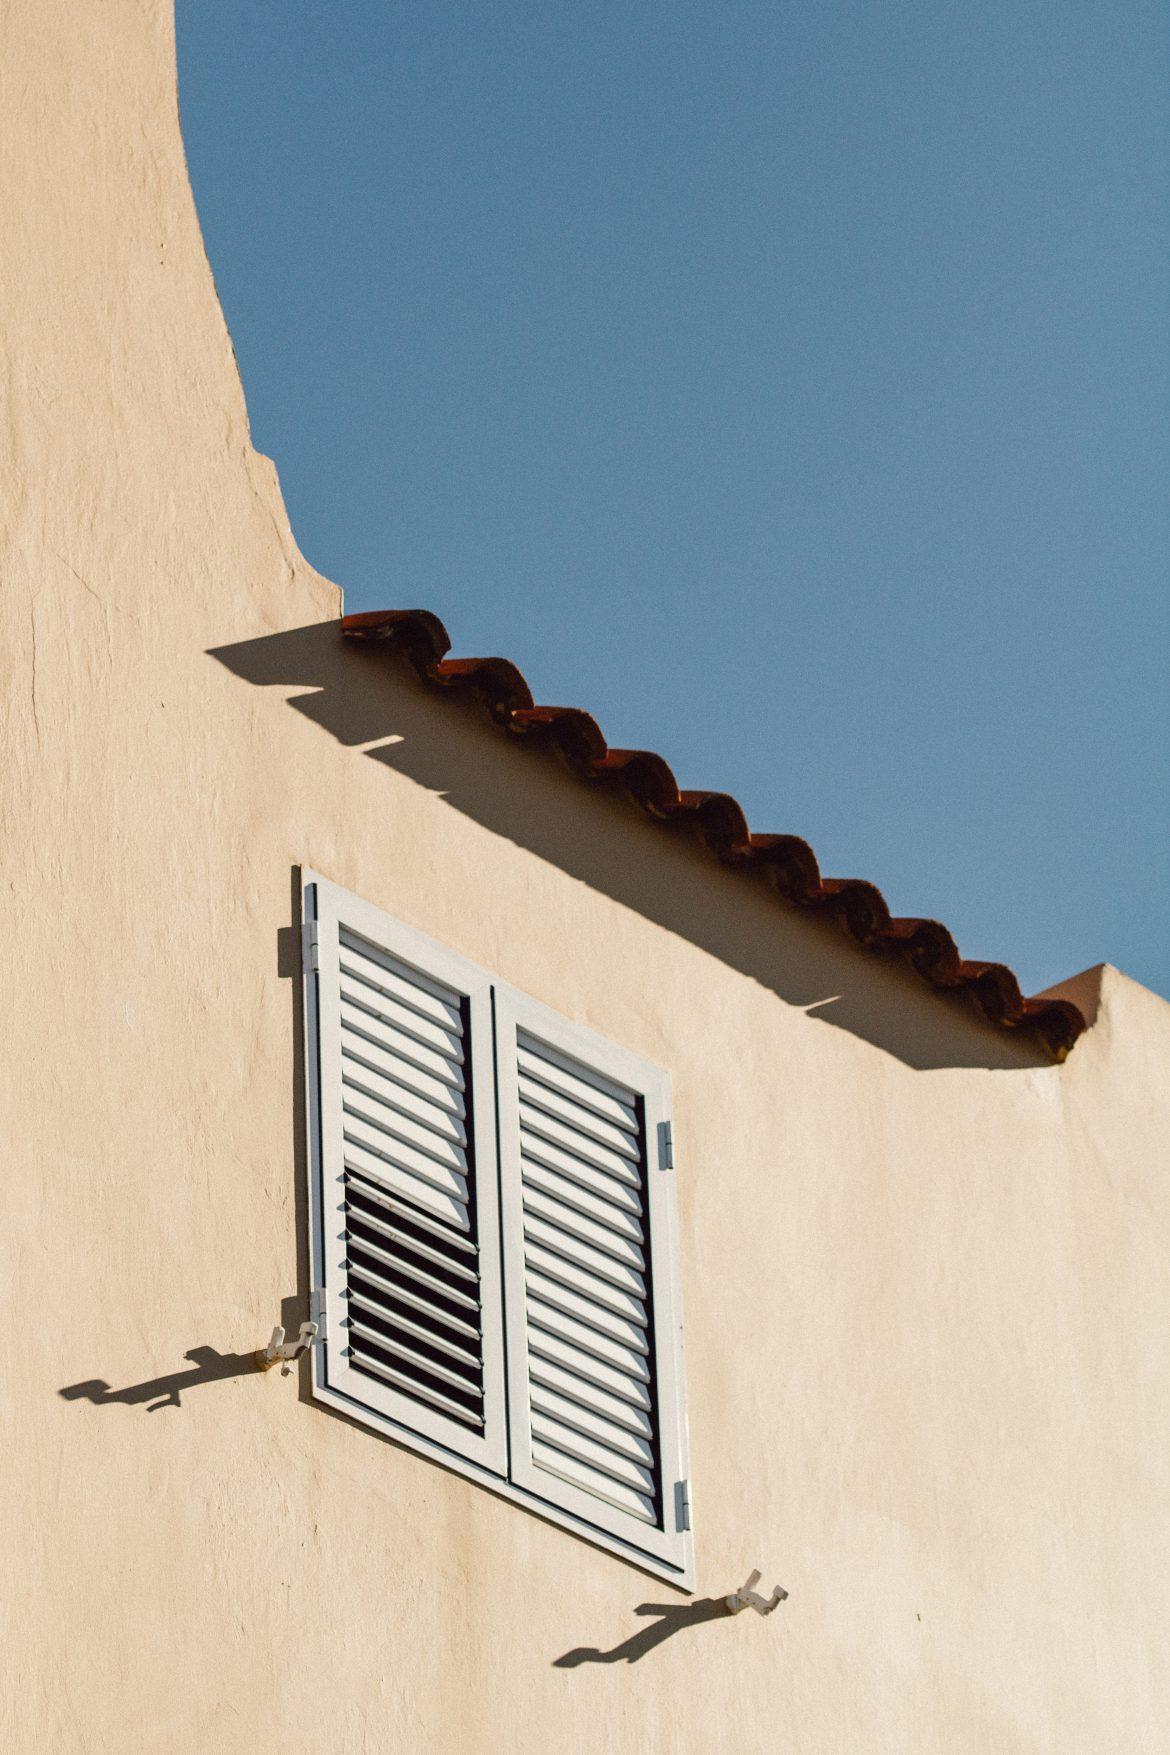 Welke zonwering past het beste bij mijn interieur? | Furnlovers.nl